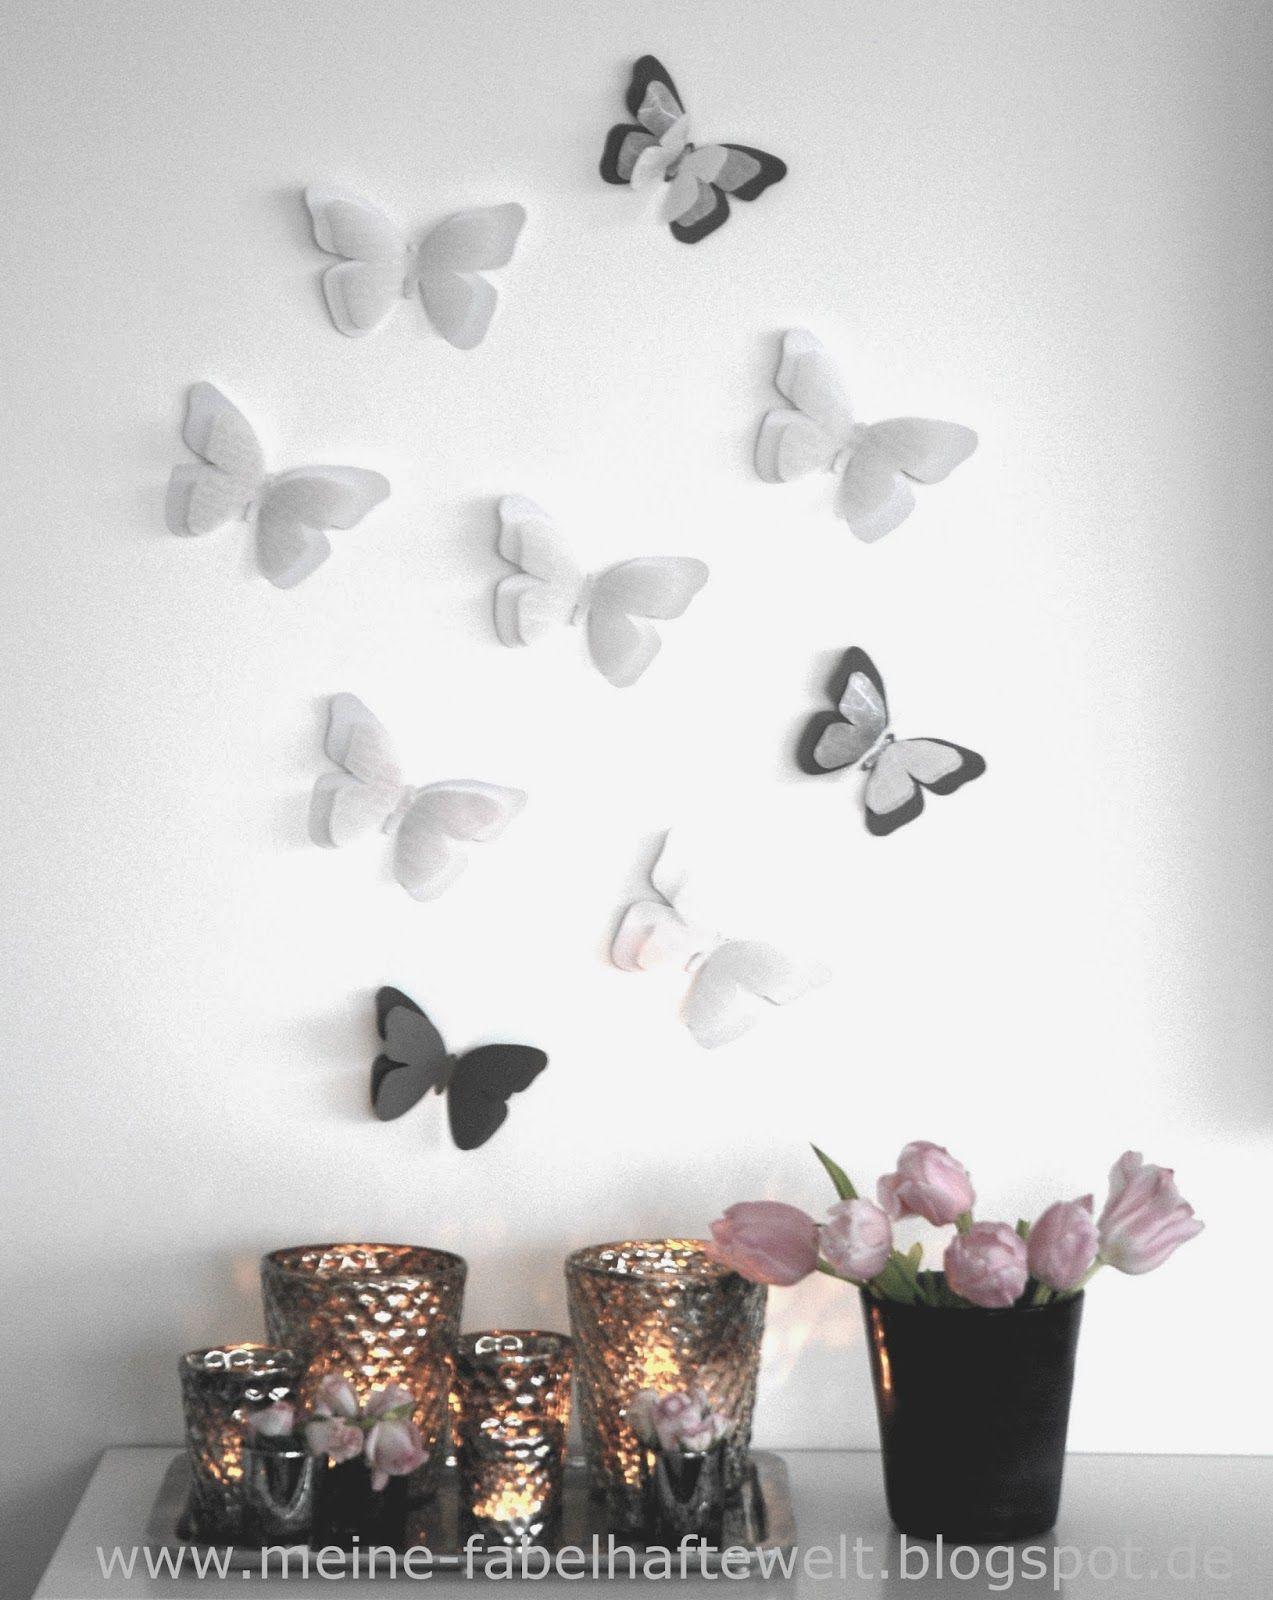 Cute Fr hling ganz einfach Schmetterlinge aus Tonpapier basteln Meine fabelhafte Welt